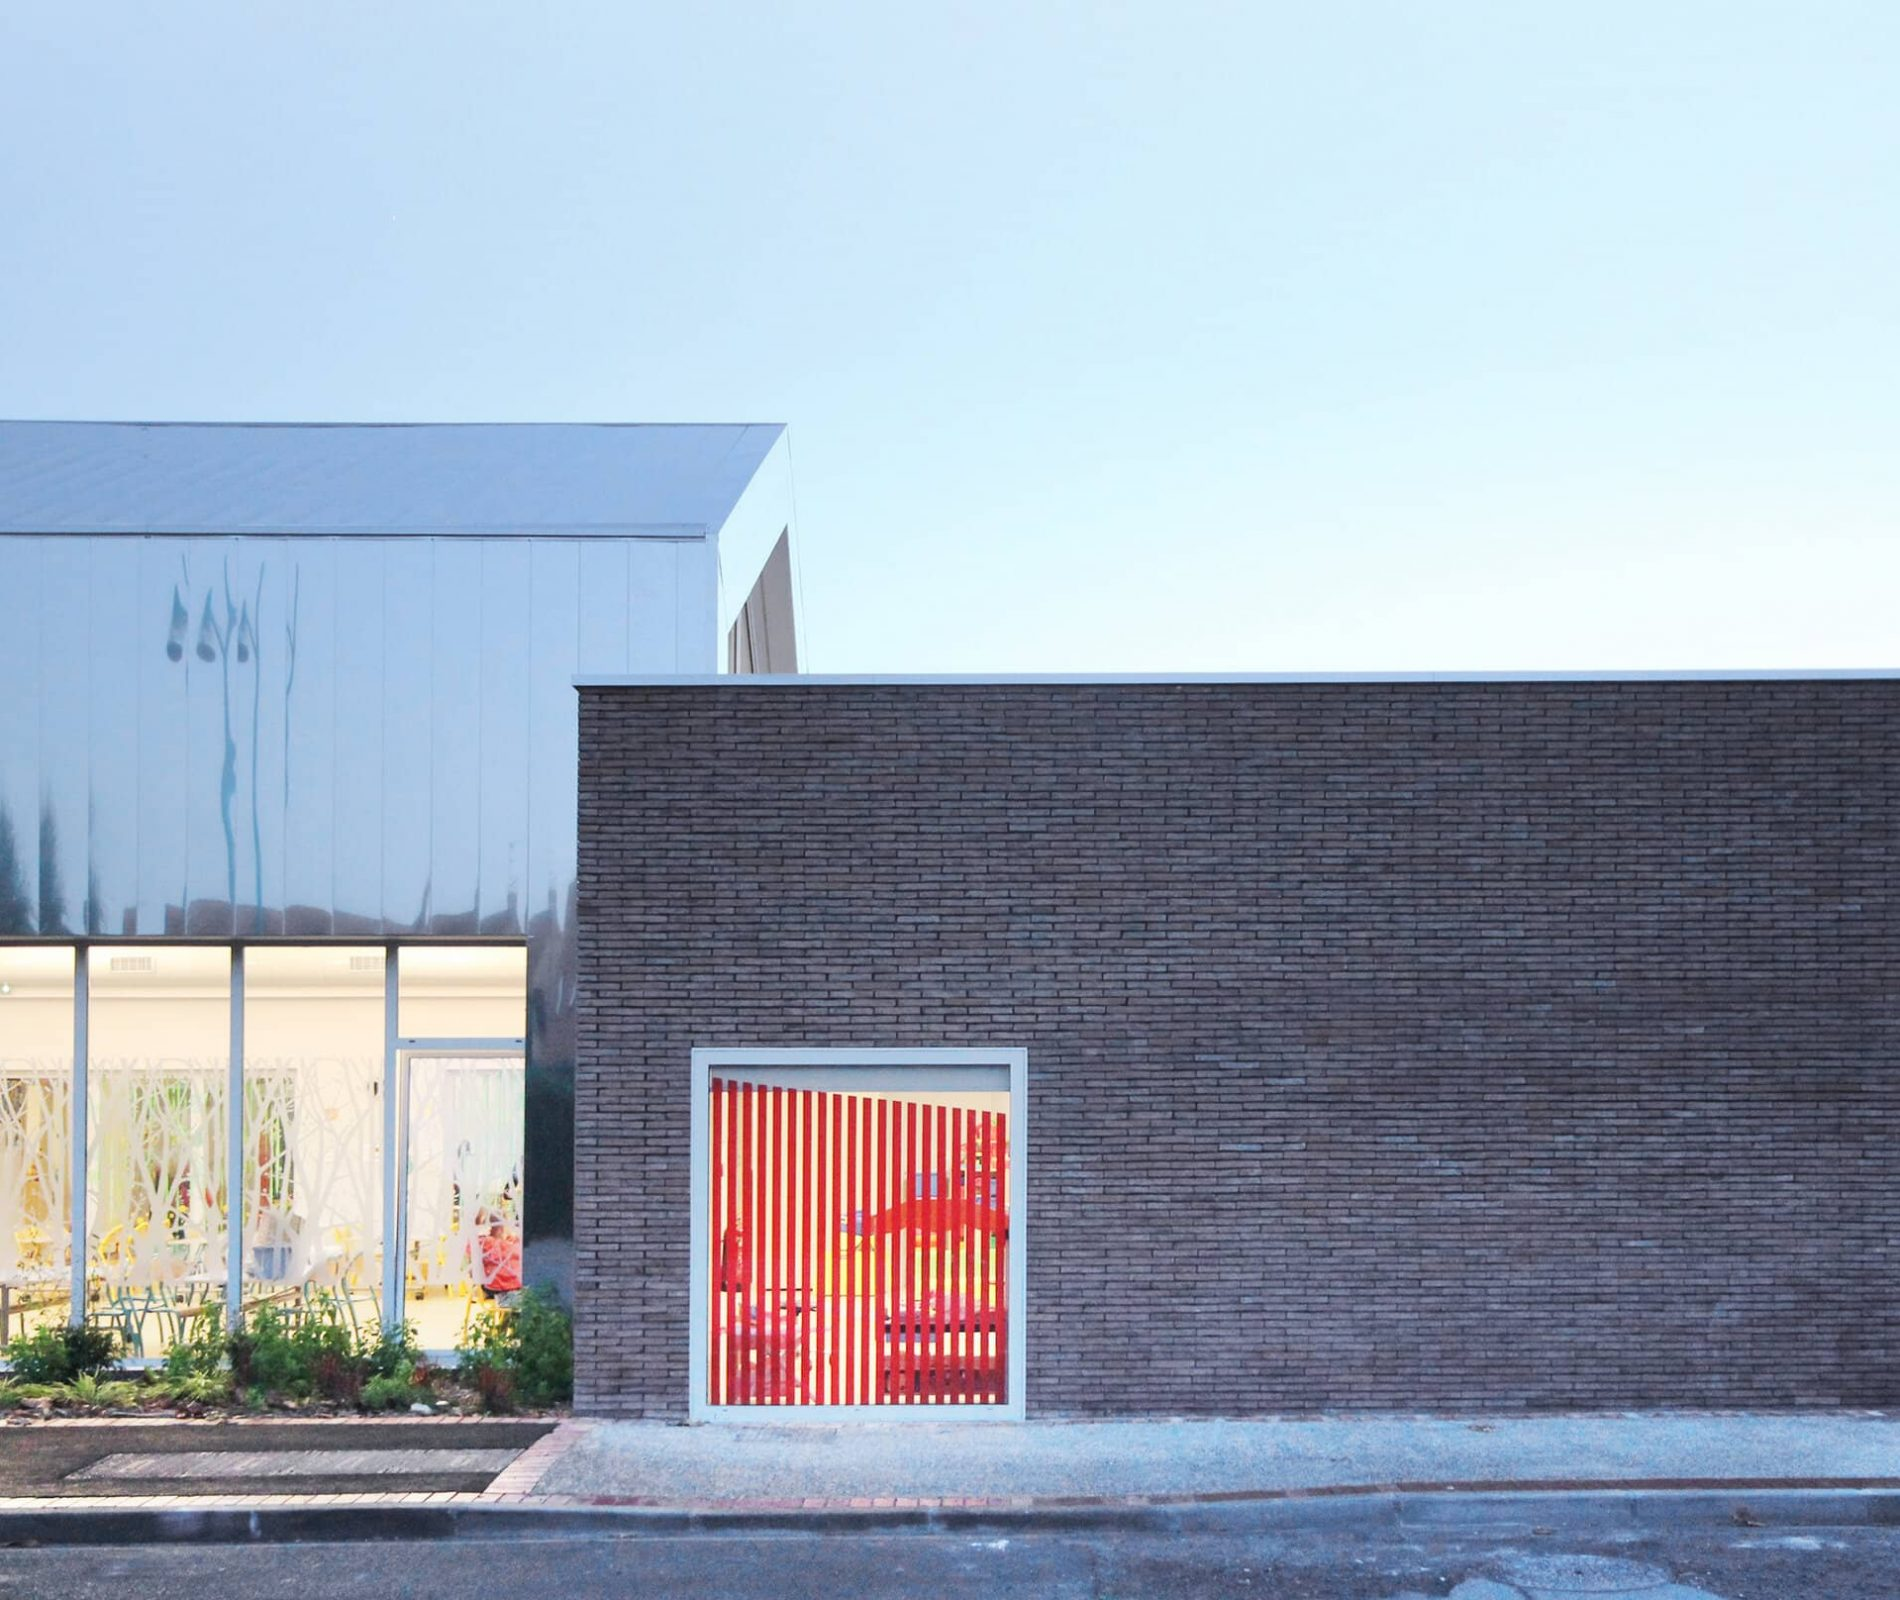 Travaux de couverture sèche à l'école maternelle Henri Ghesquière à Lesquin Lille dans le Nord